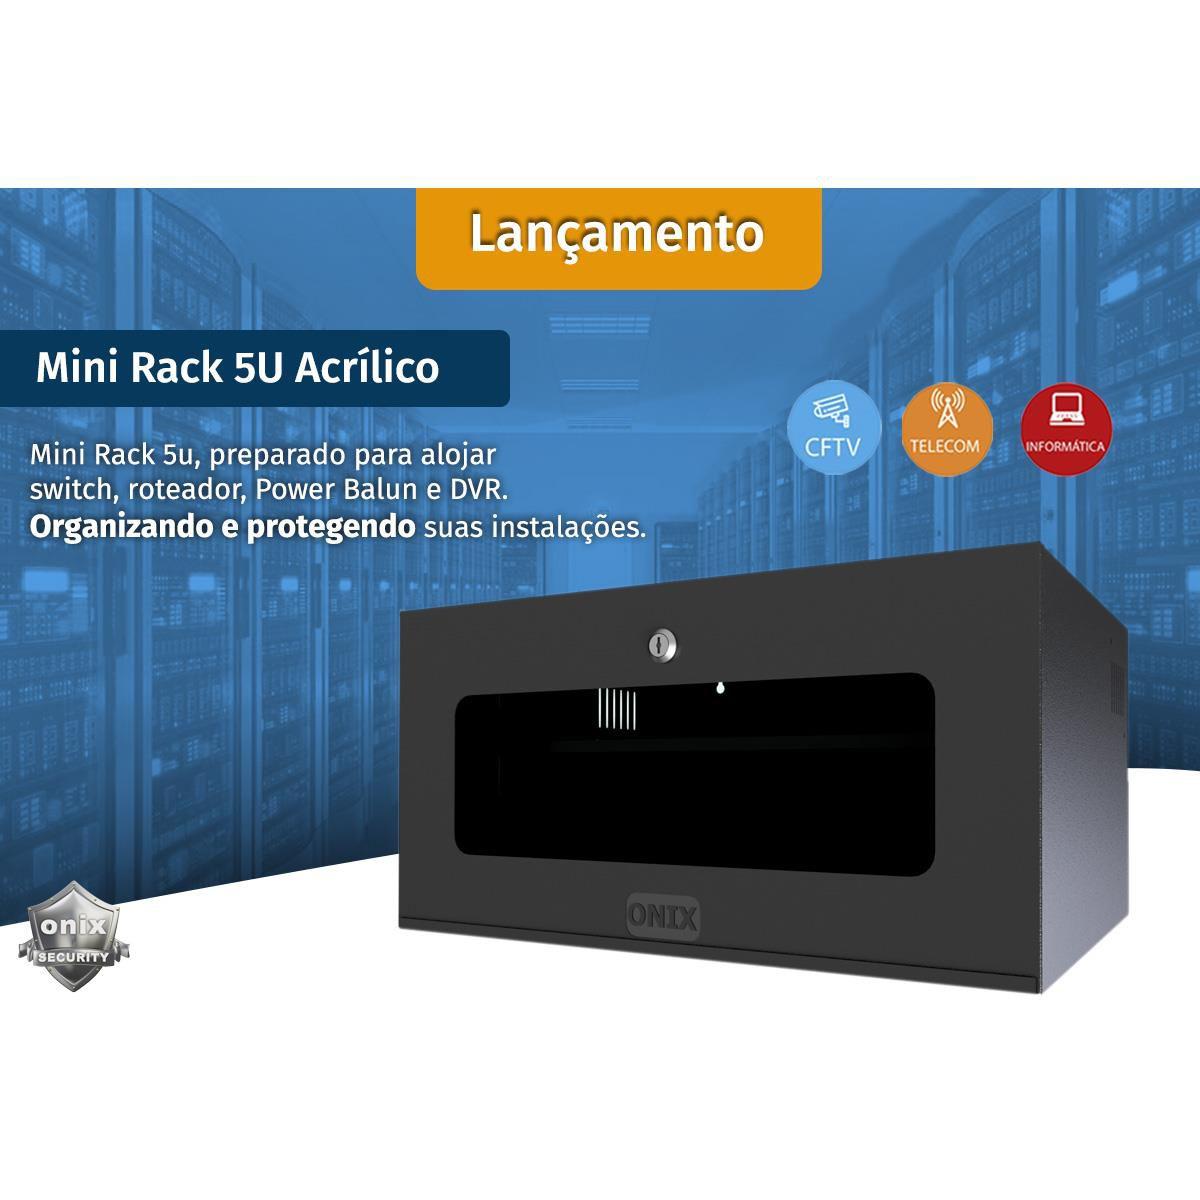 Mini Rack 5U Organizador CFTV, Informática, Telecom - padrão 19